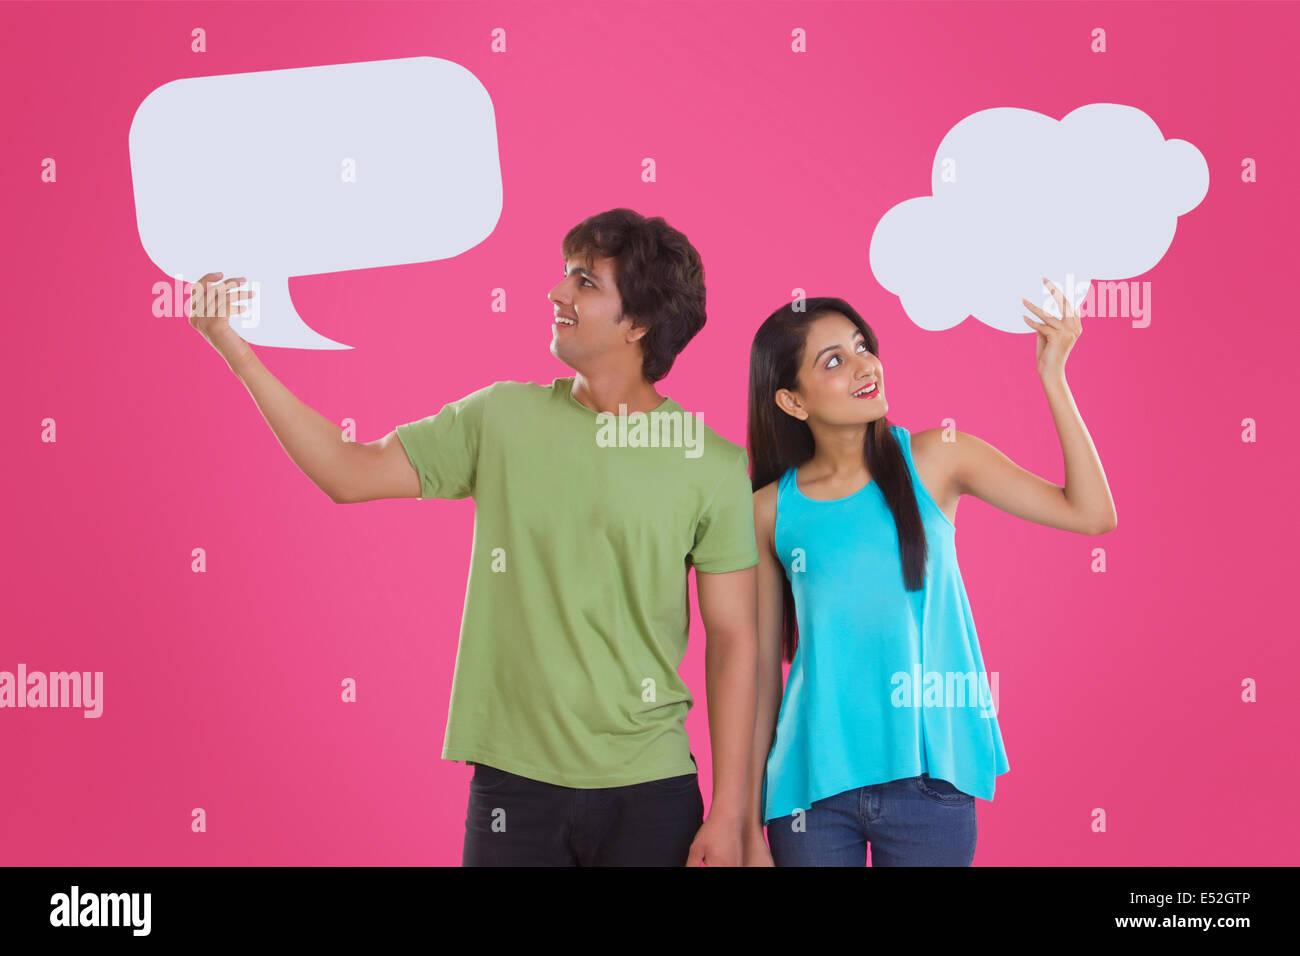 Nachdenklich junges Paar hält Kommunikation Bläschen vor rosa Hintergrund Stockfoto